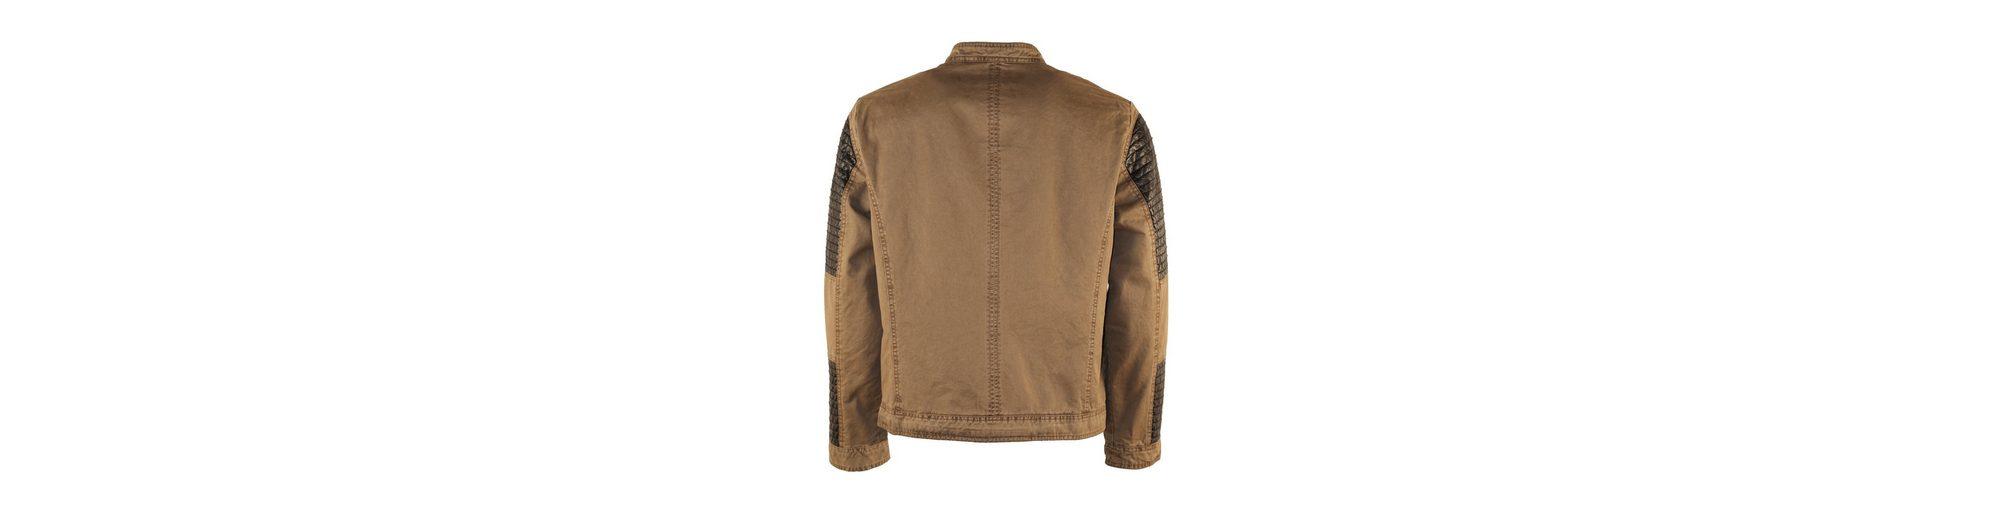 JCC Jacke im Bikerlook 411754 Limited Edition Online Tolle Großer Verkauf Bekommt Einen Rabatt Zu Kaufen 1DnhUs